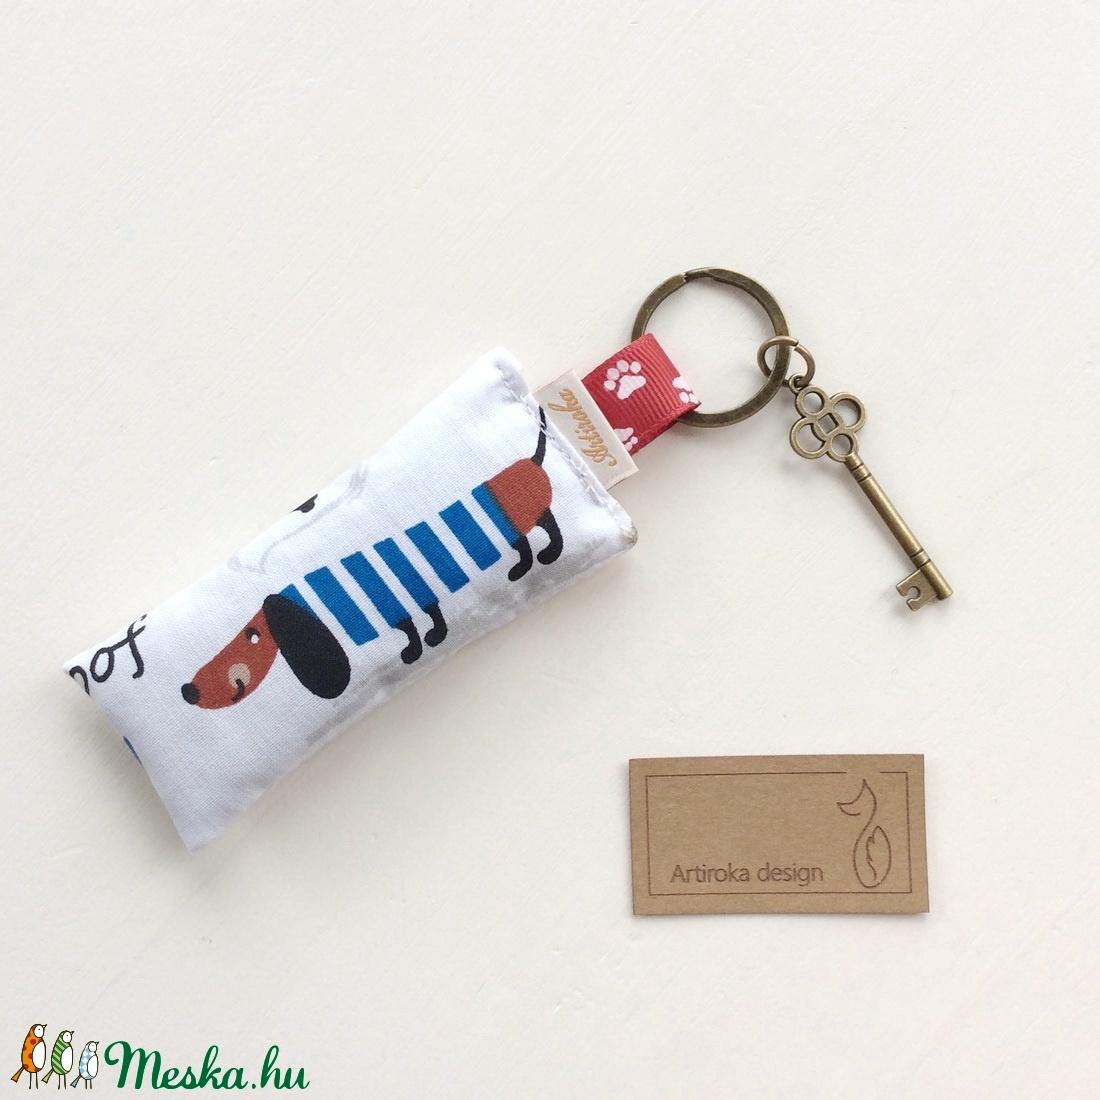 Tacskó kutya kék - fehér csíkos ruhában akár levendulavirággal töltve - kulcstartó bronz kulccsal - Artiroka design (Mesedoboz) - Meska.hu